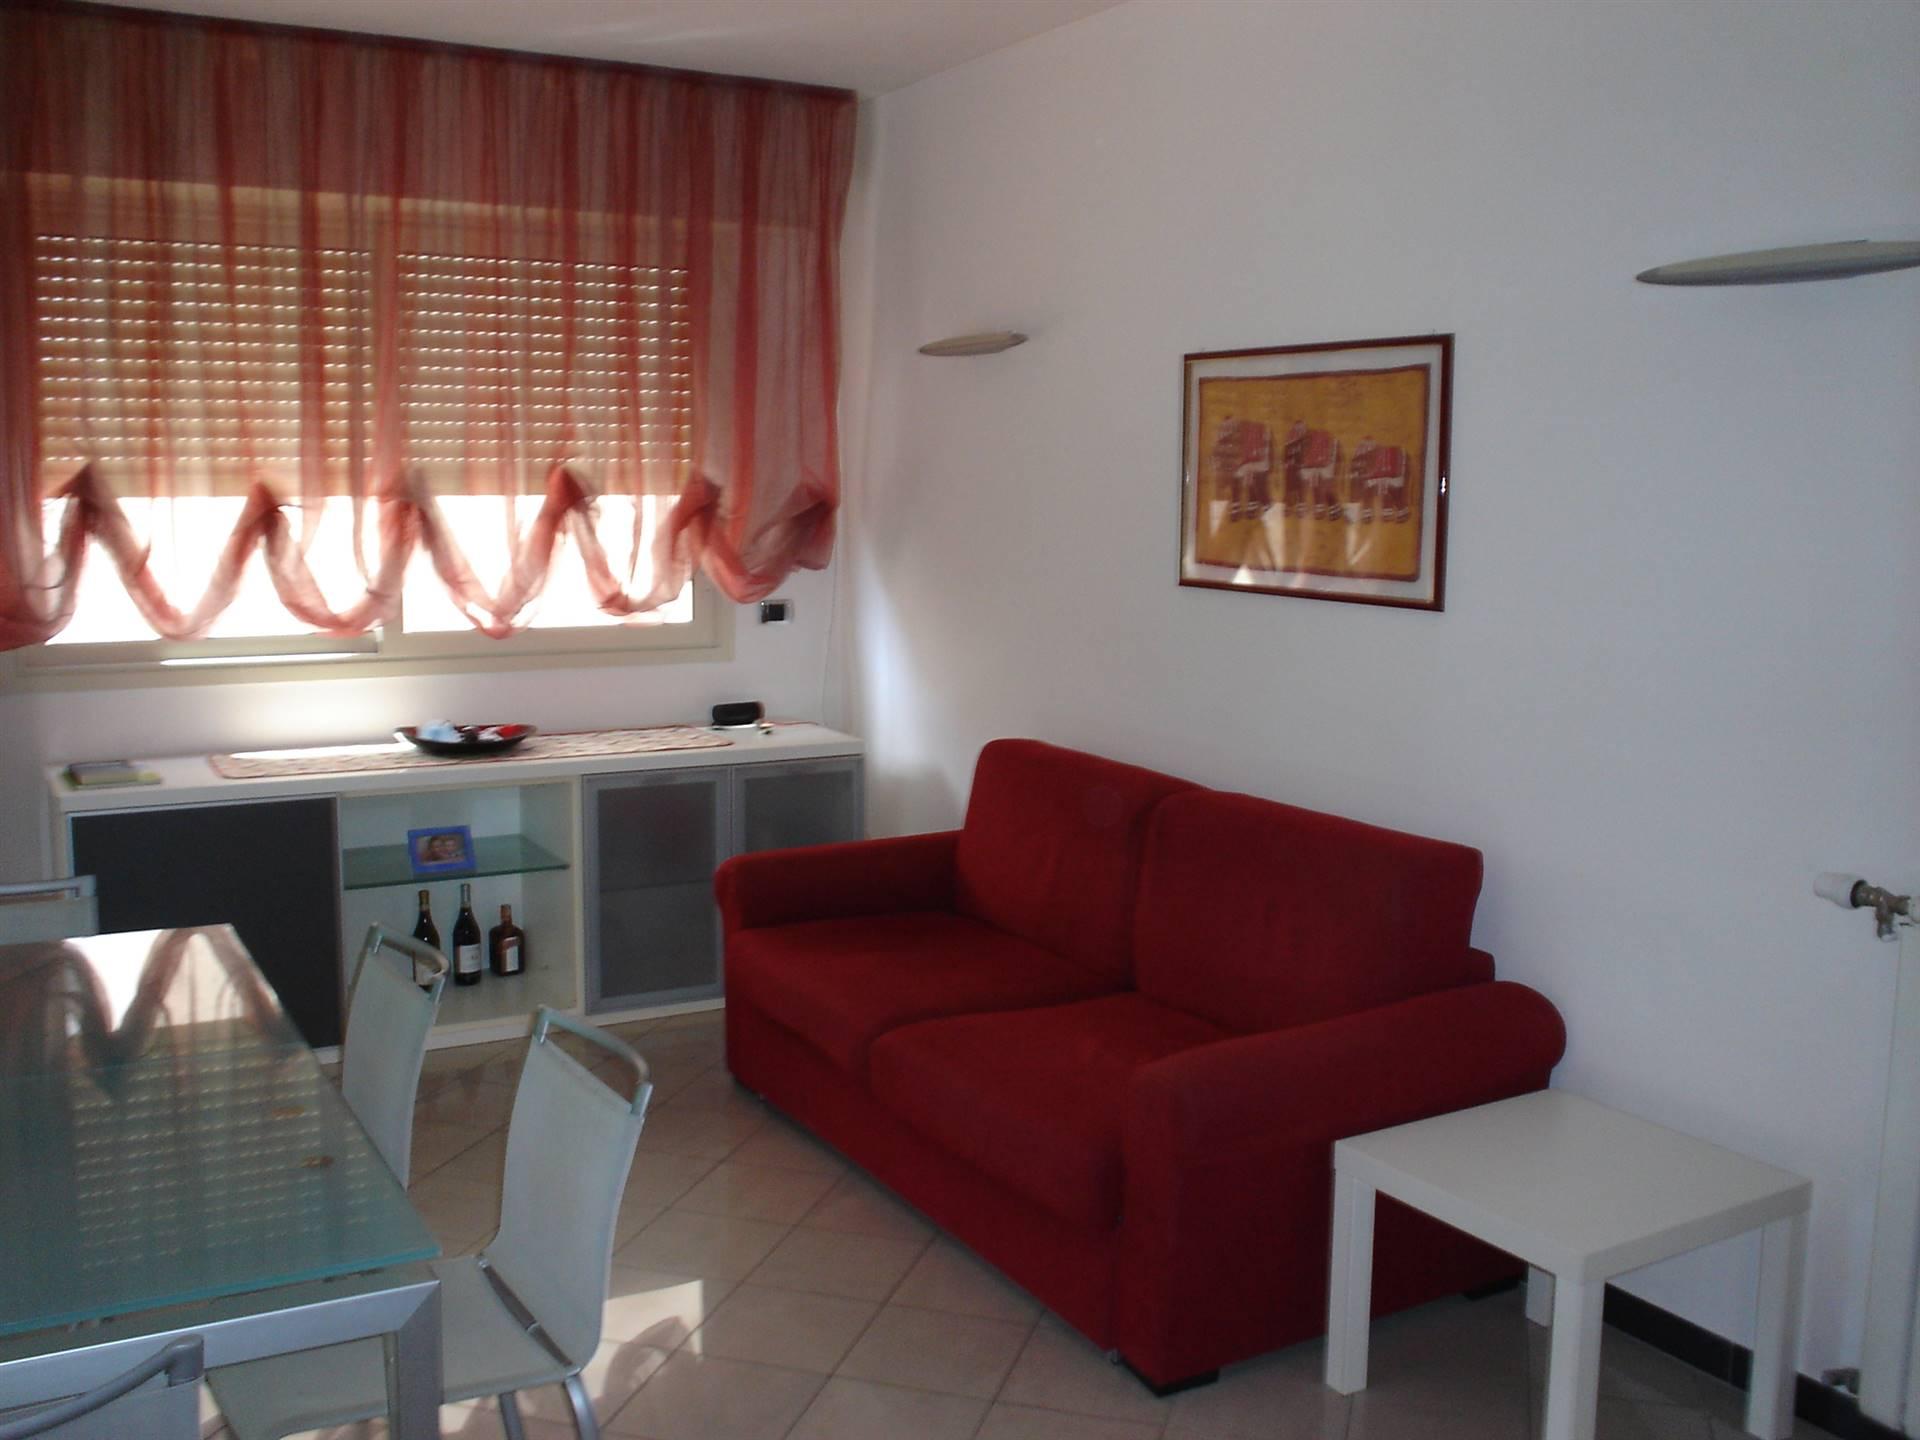 Appartamento in vendita a Ventimiglia, 3 locali, prezzo € 280.000 | PortaleAgenzieImmobiliari.it